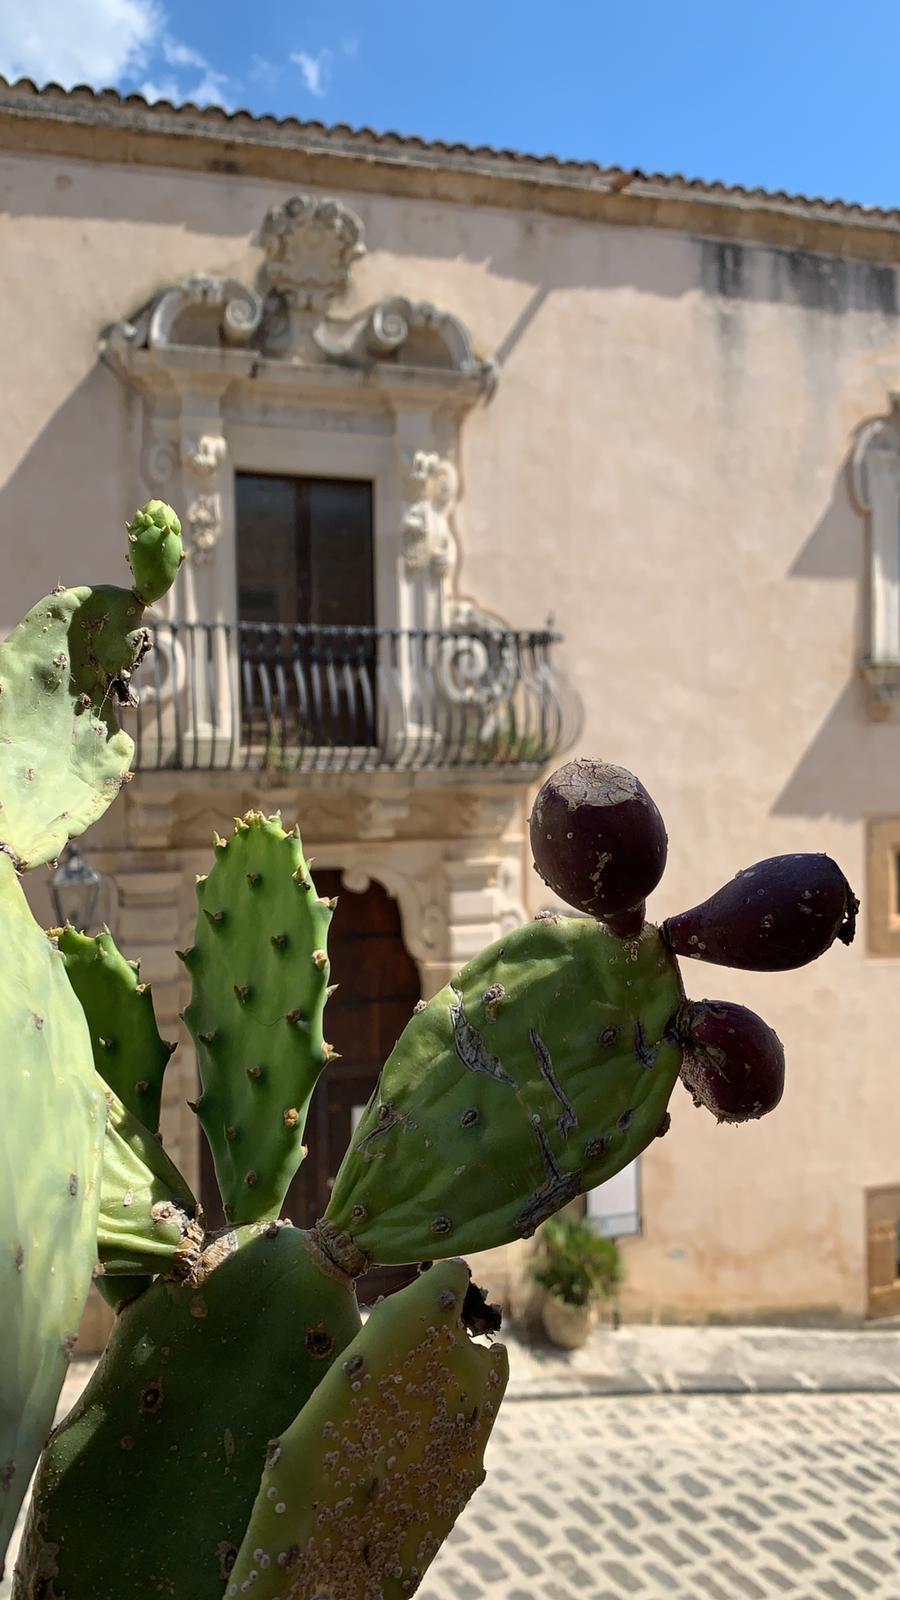 Immagini del vicesindaco di Sambuca di Sicilia, Giuseppe Cacioppo